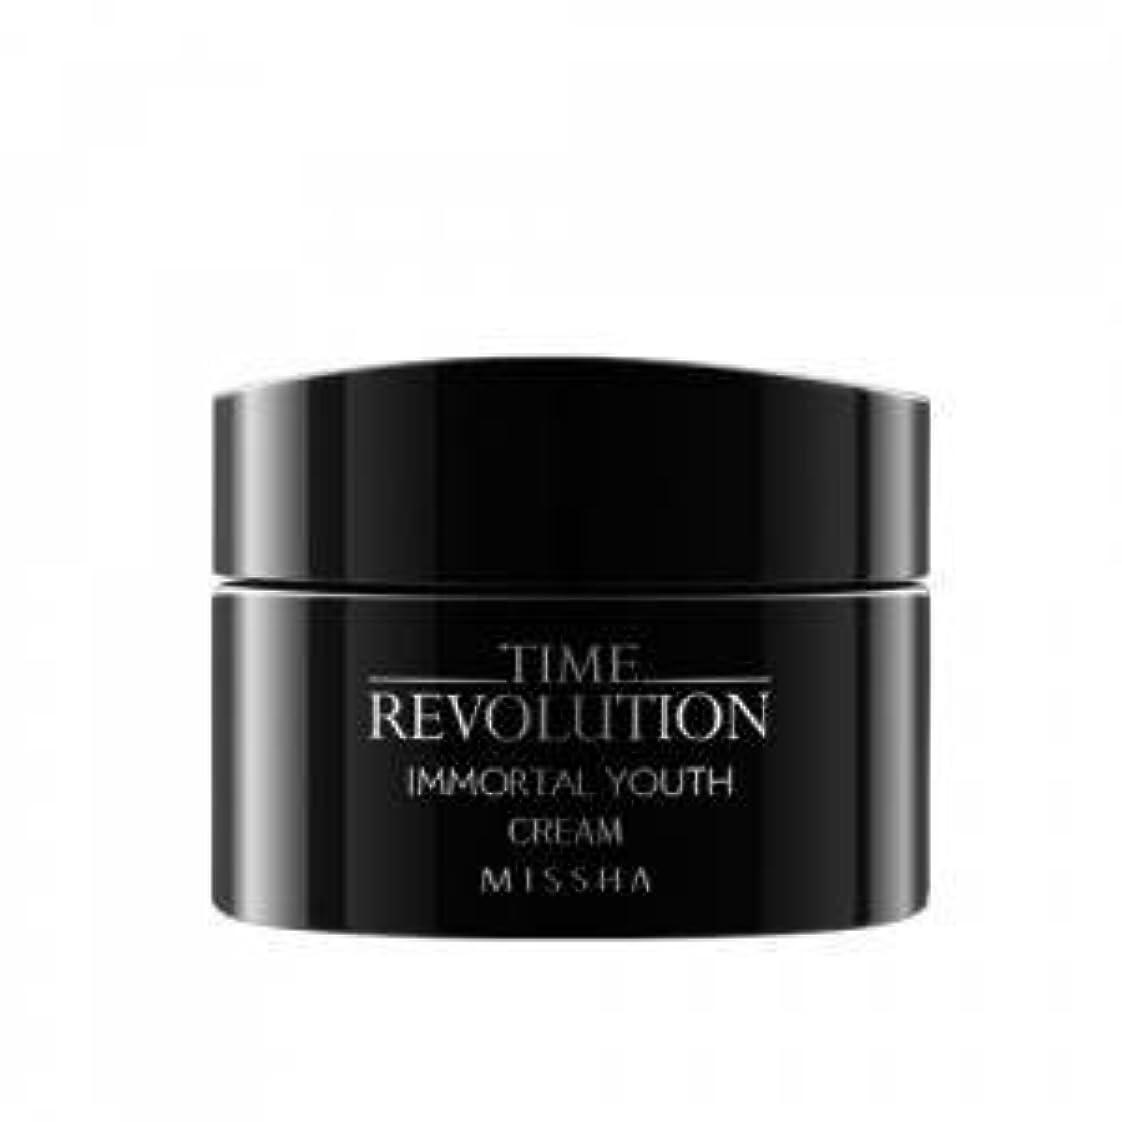 凝視村ミリメートル【MISSHA (ミシャ)】 Time Revolution Immortal Youth Cream タイムレボリューション イモータルユース クリーム